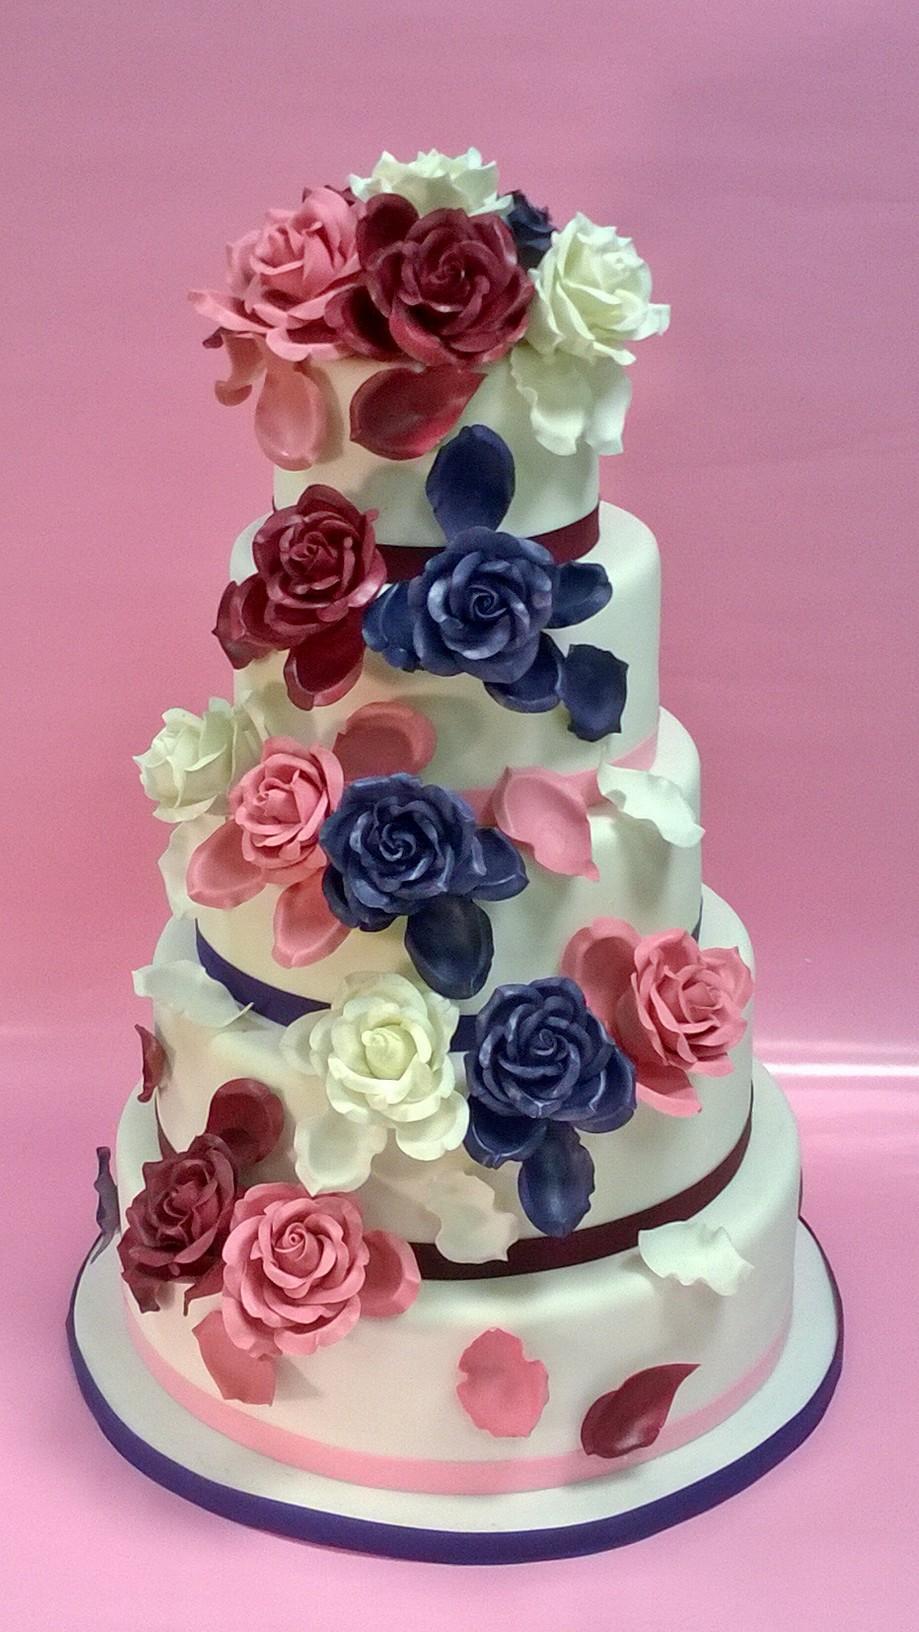 Negozi Specializzati Cake Design Milano : Design A Cake Vendita Torte Decorate Milano - MilanoMia.com